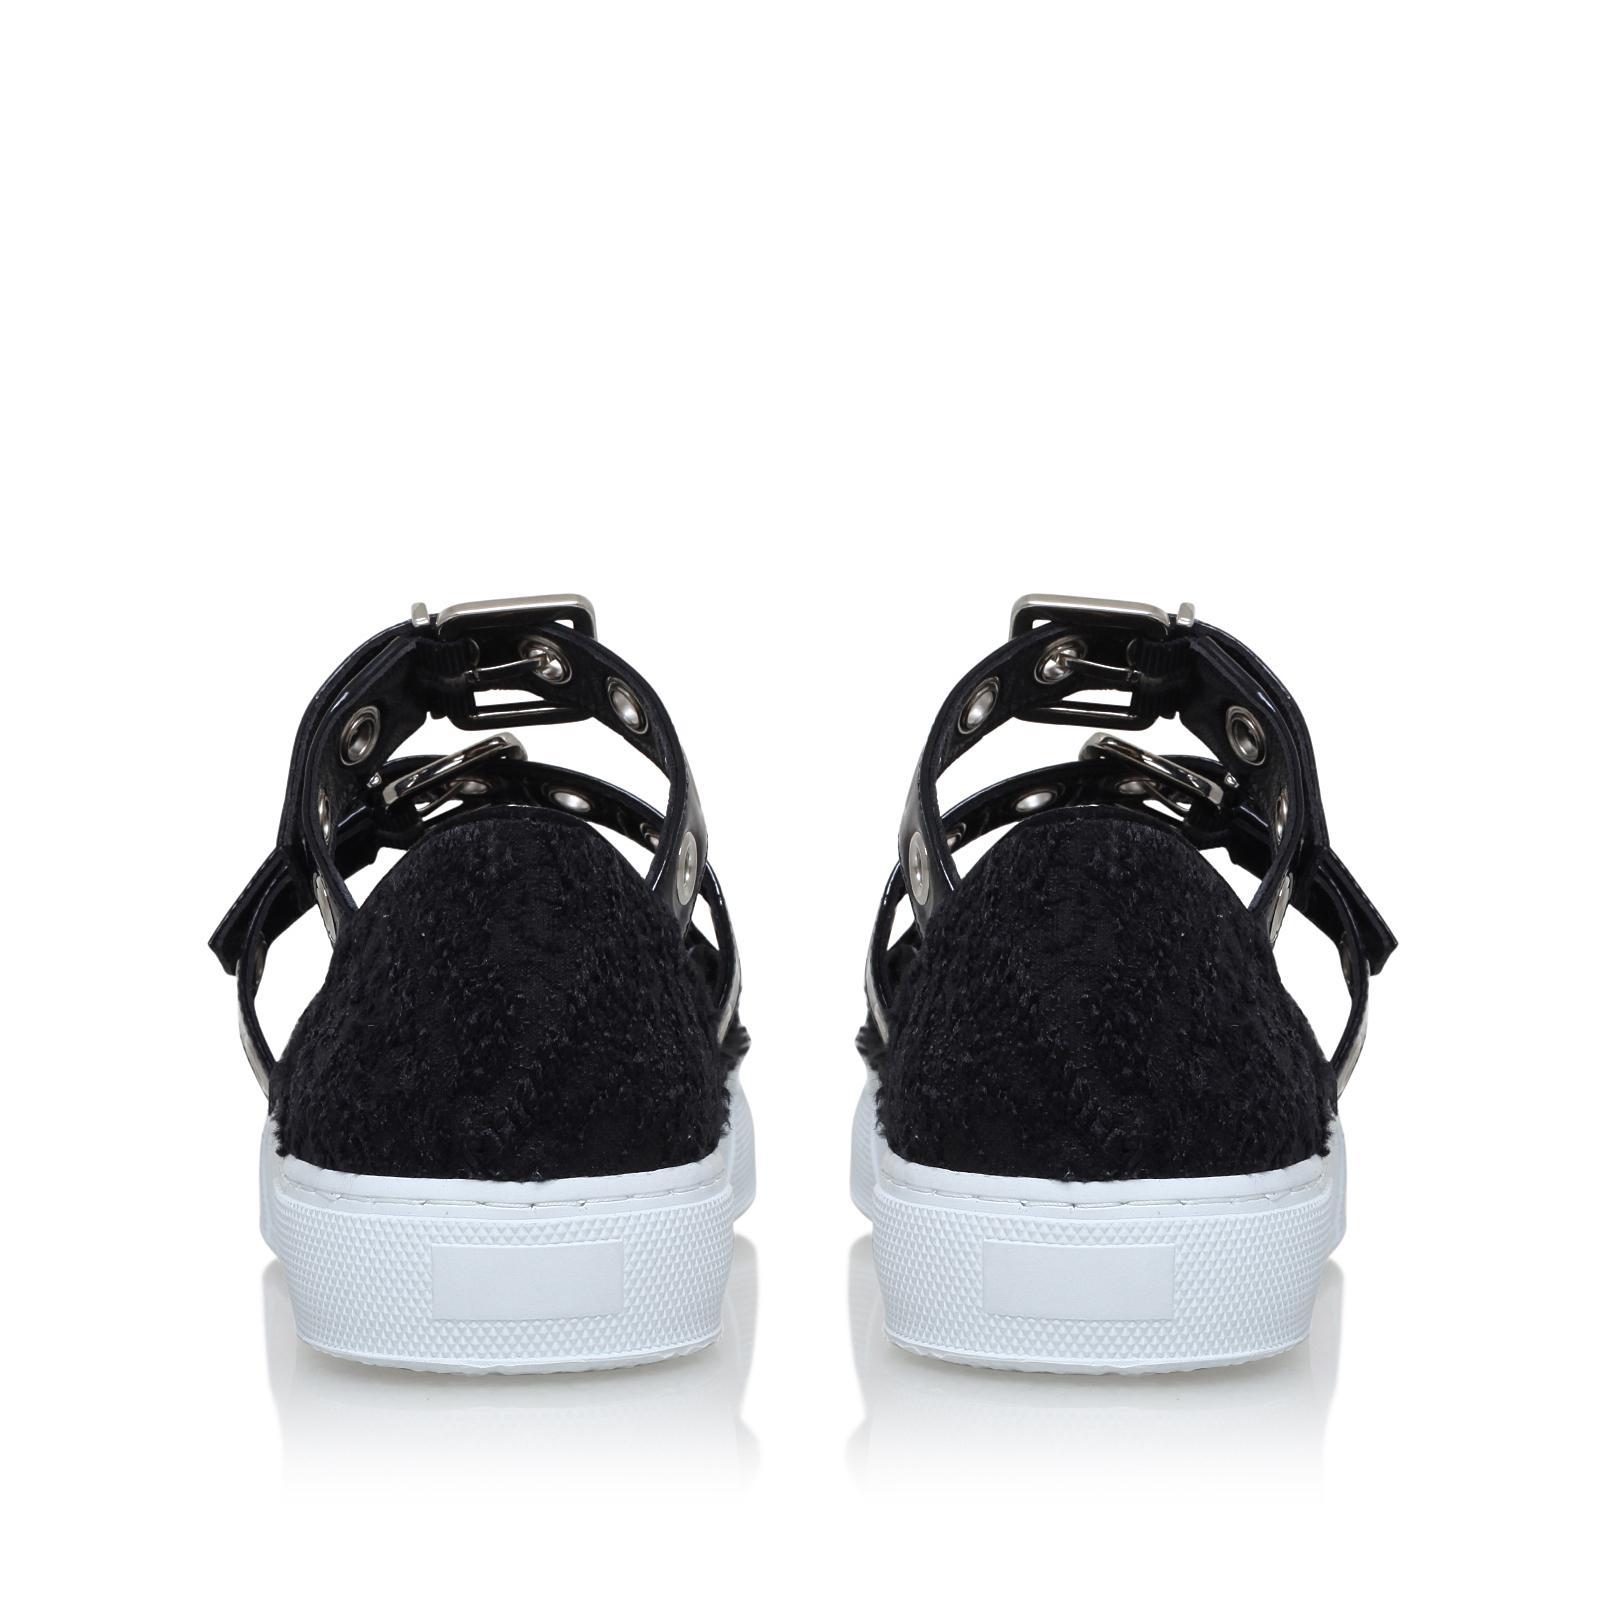 Self-Portrait Synthetic Texas Sneaker in Black